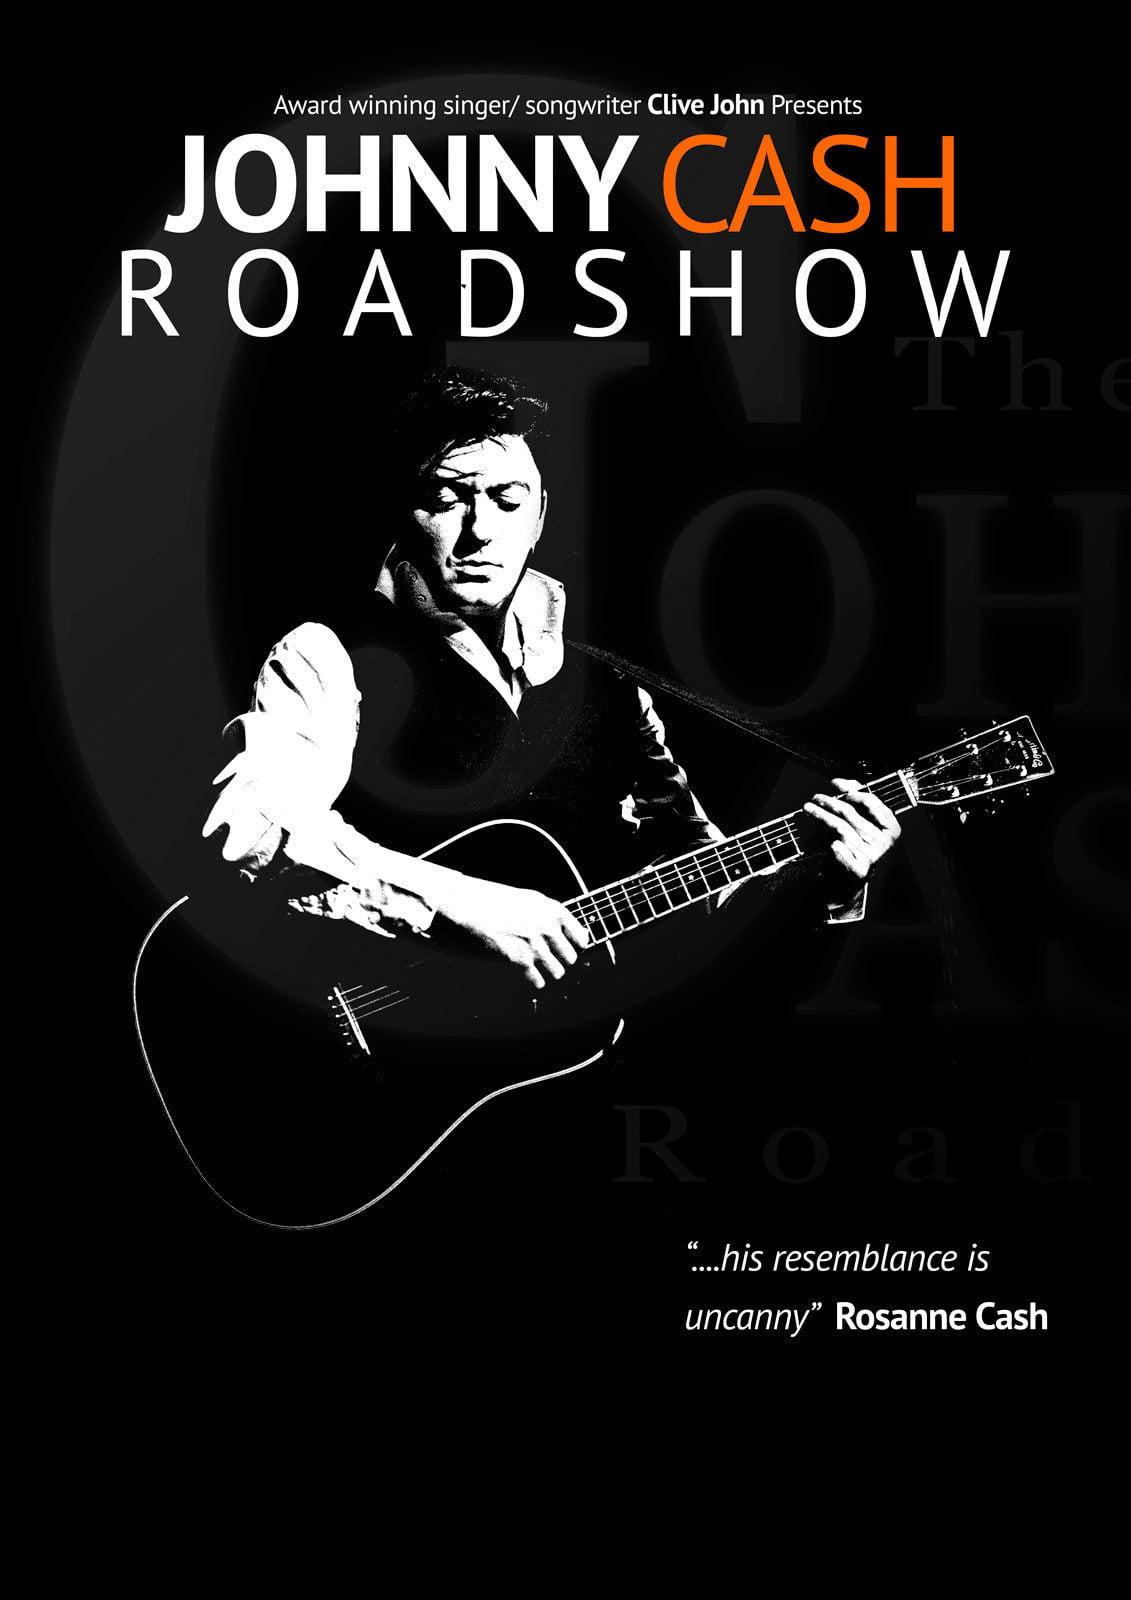 Johnny Cash Roadshow Tour